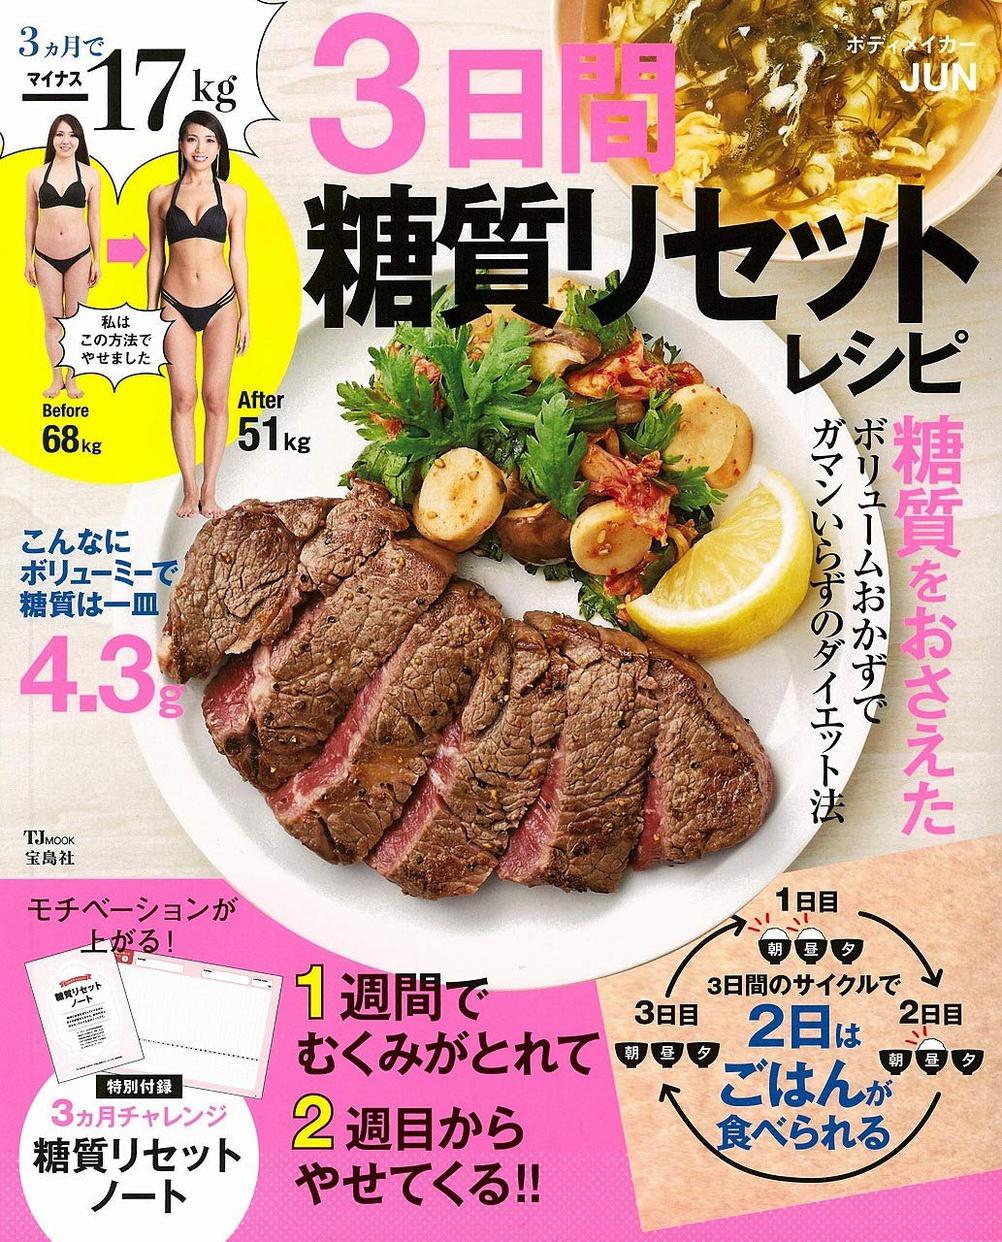 宝島社 3ヵ月で-17kg 3日間糖質リセットレシピの商品画像